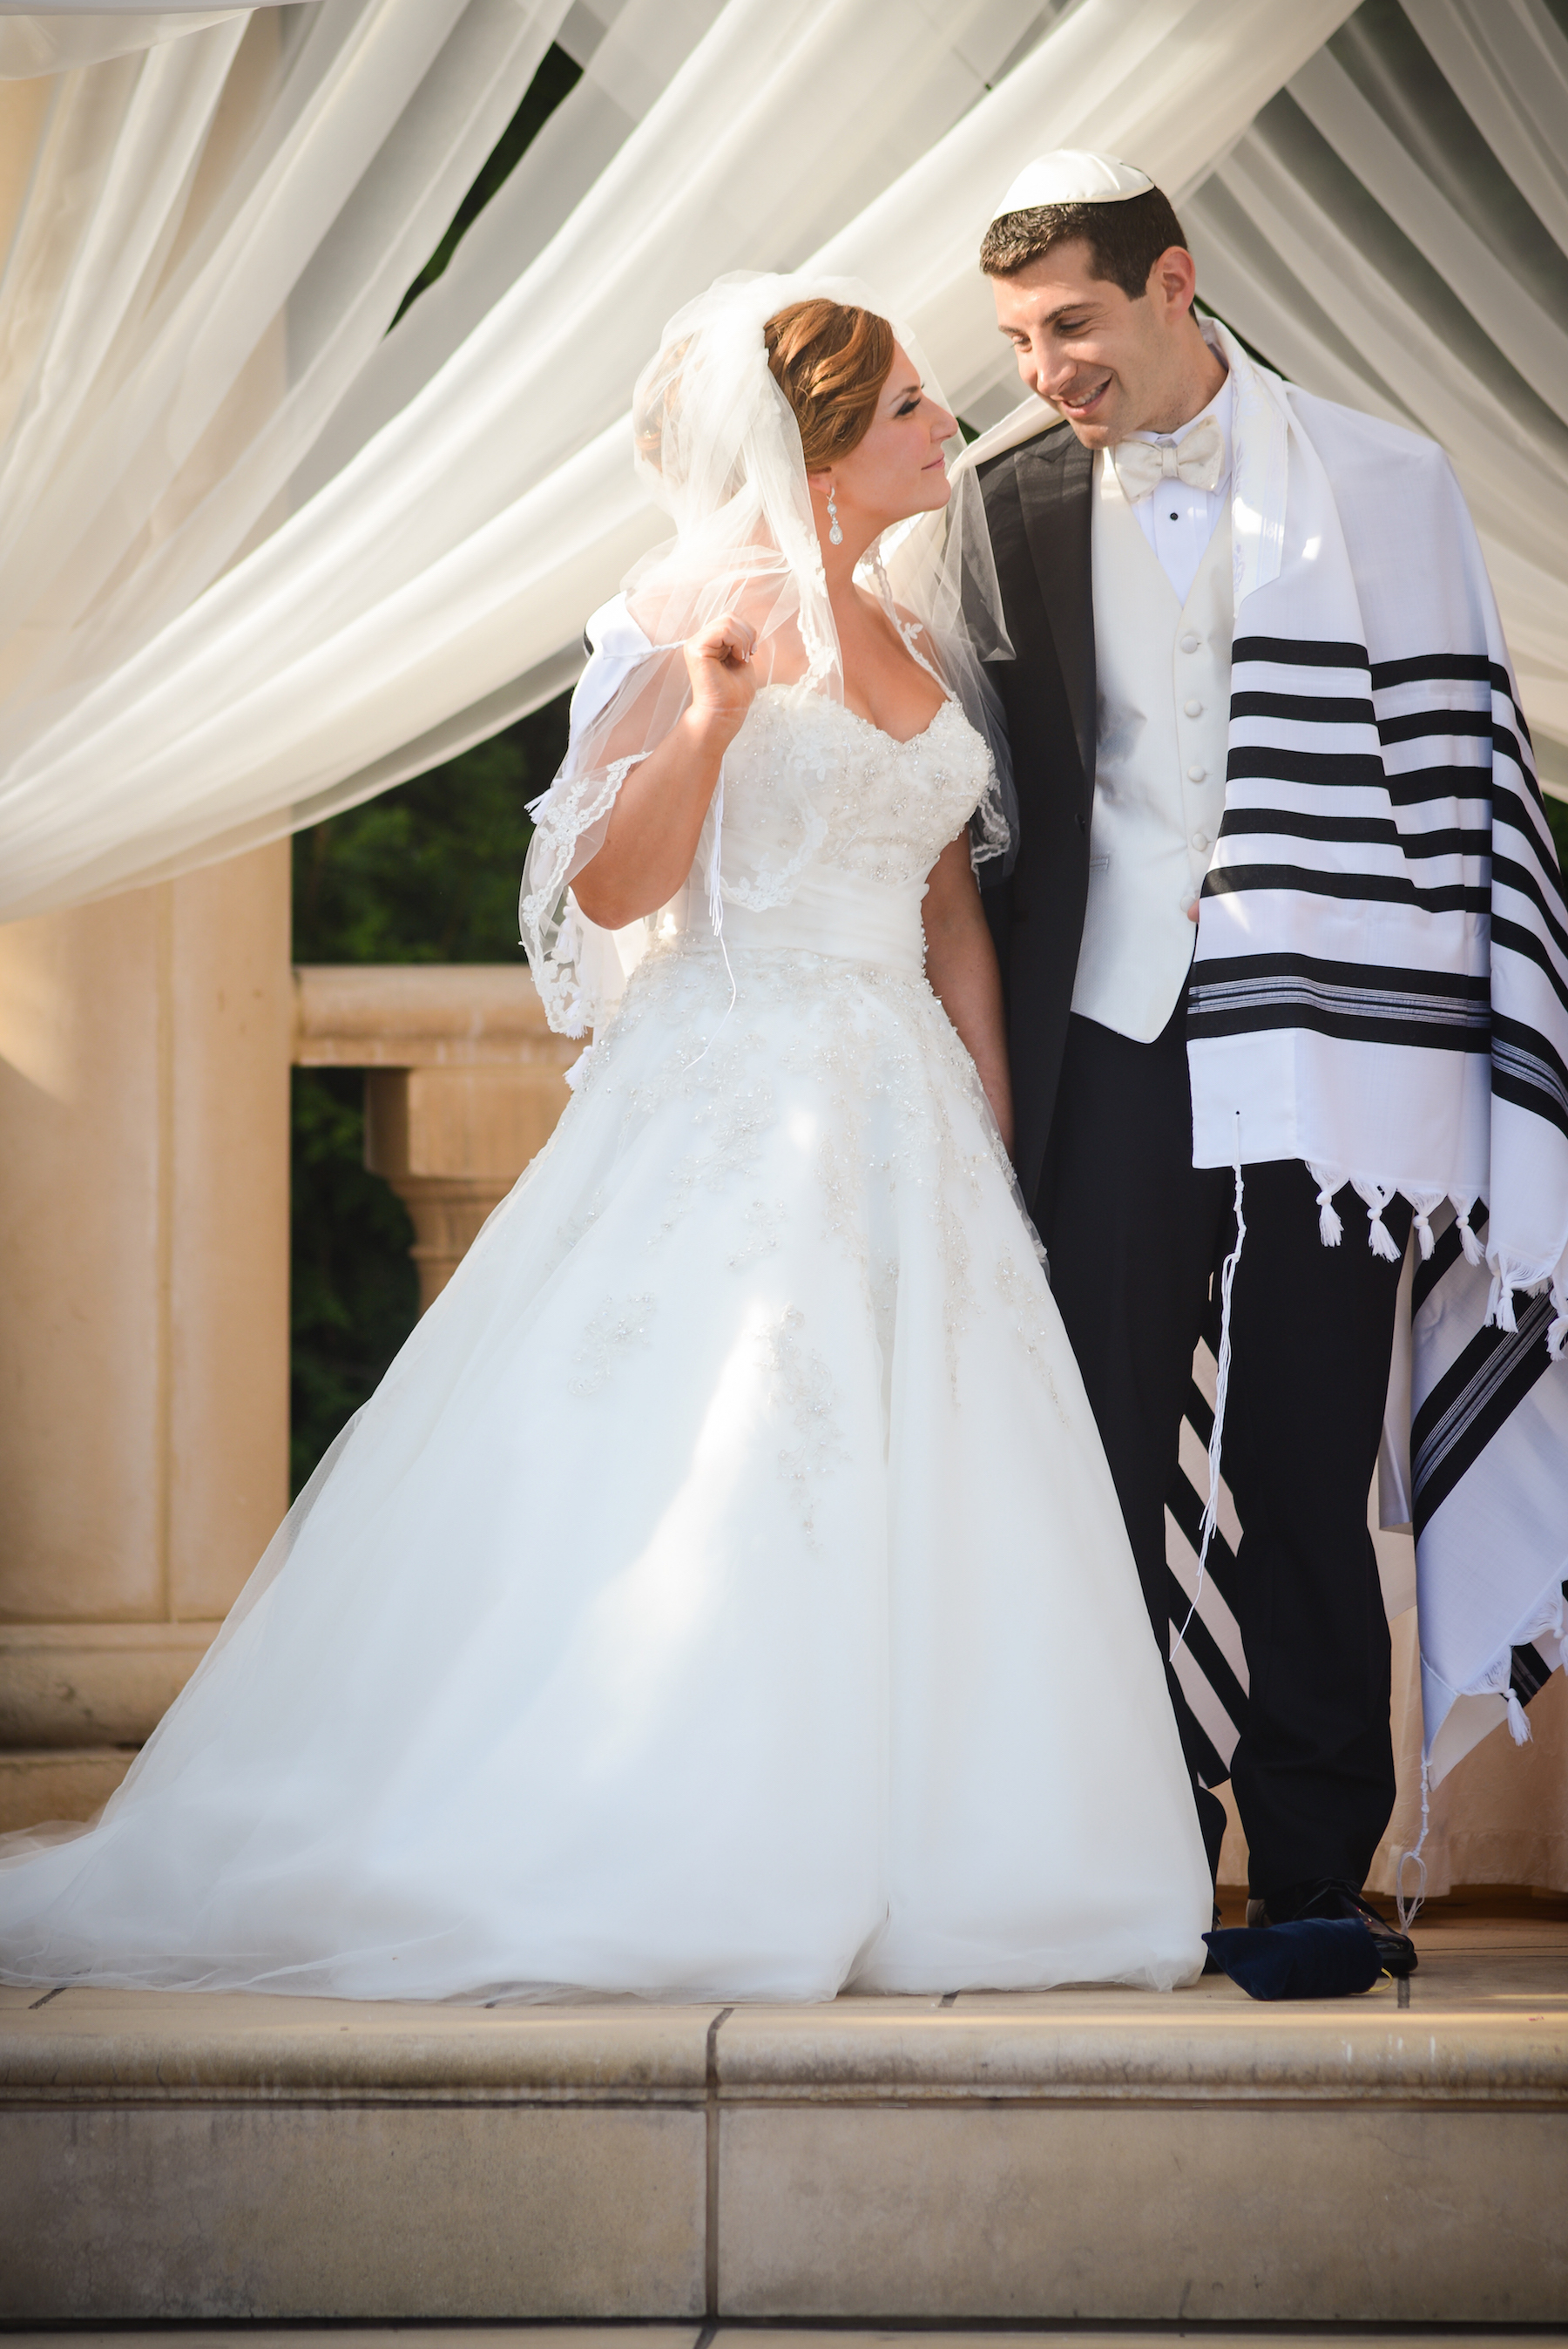 rockleigh-country-club-wedding-veroluce-photos-30